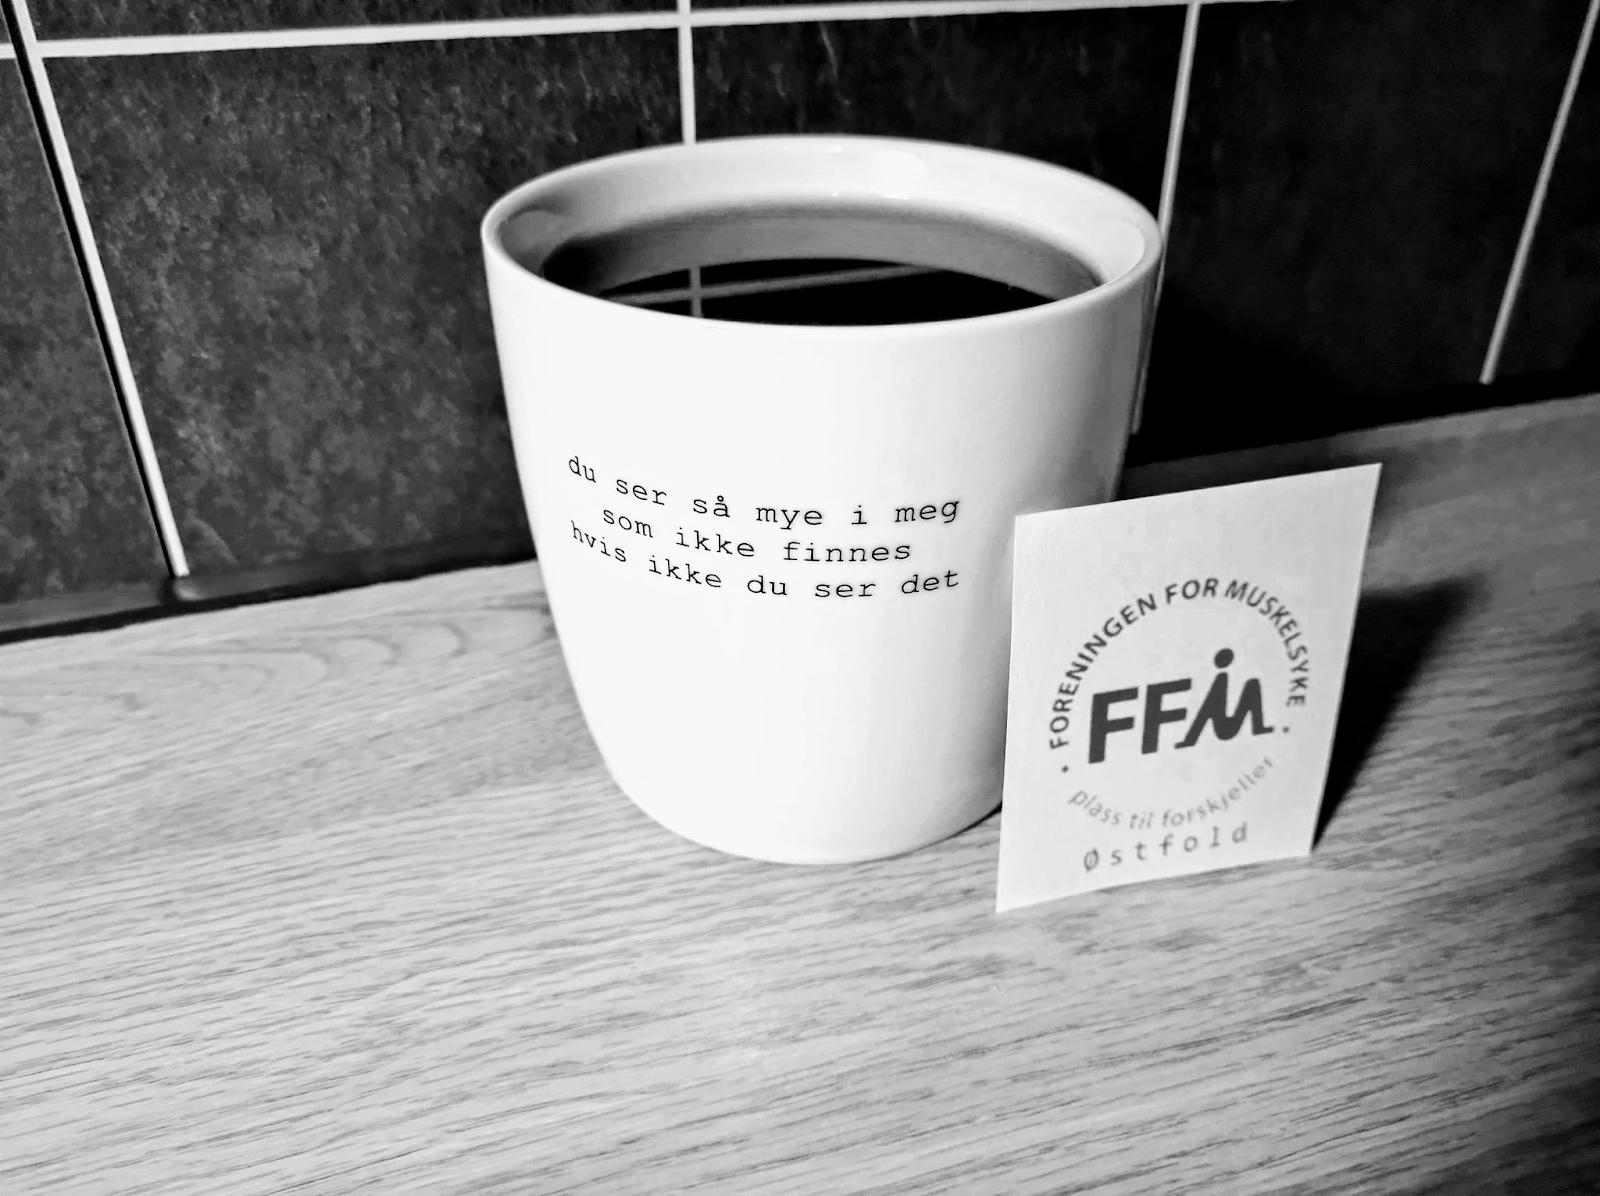 Digital Kaffekopp alle datoer sep-nov 2020